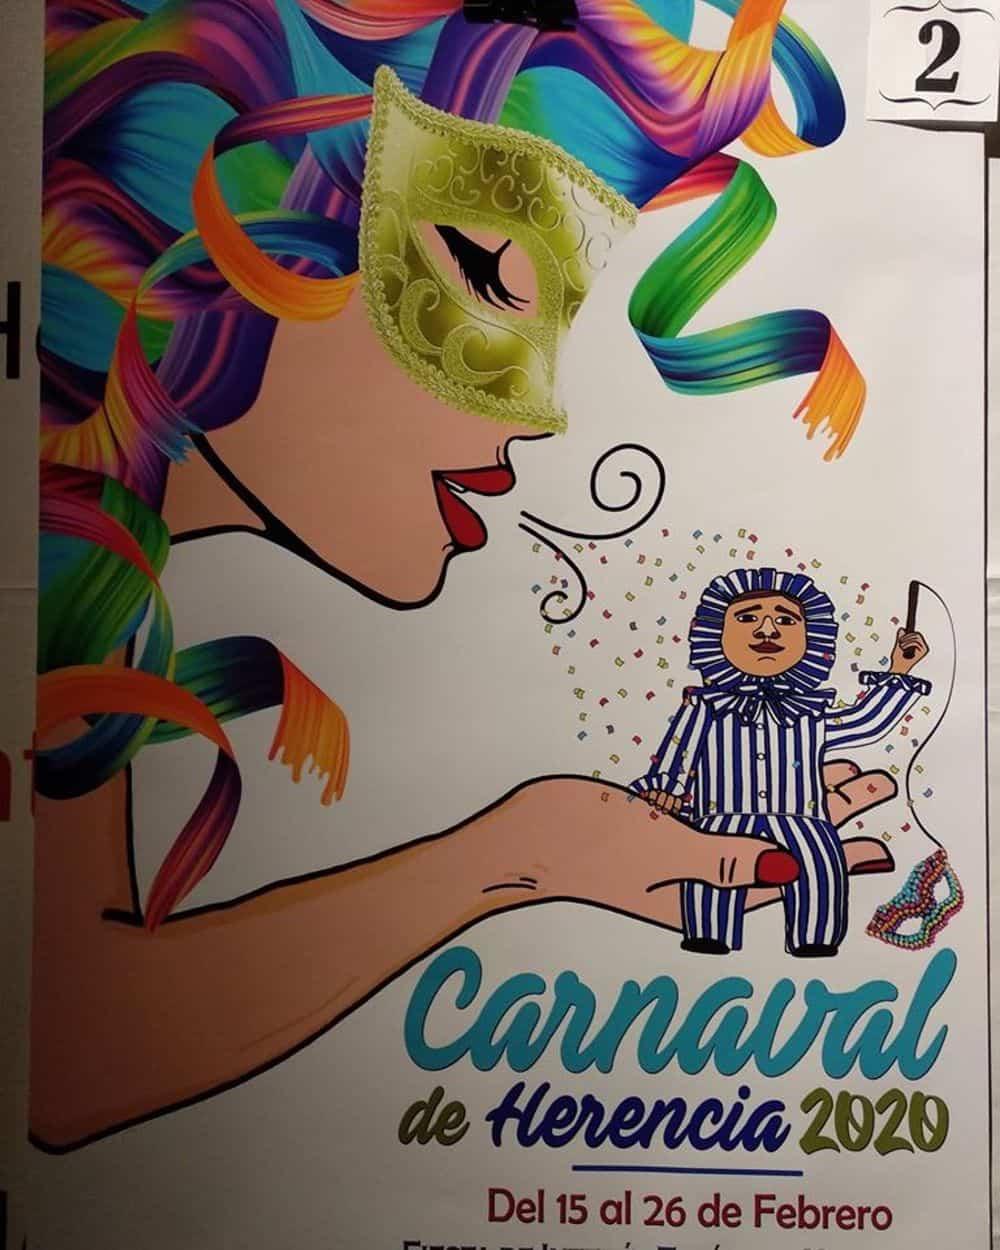 Conoce los carteles de Carnaval de Herencia 2020, ¿cuál te gusta más? 27